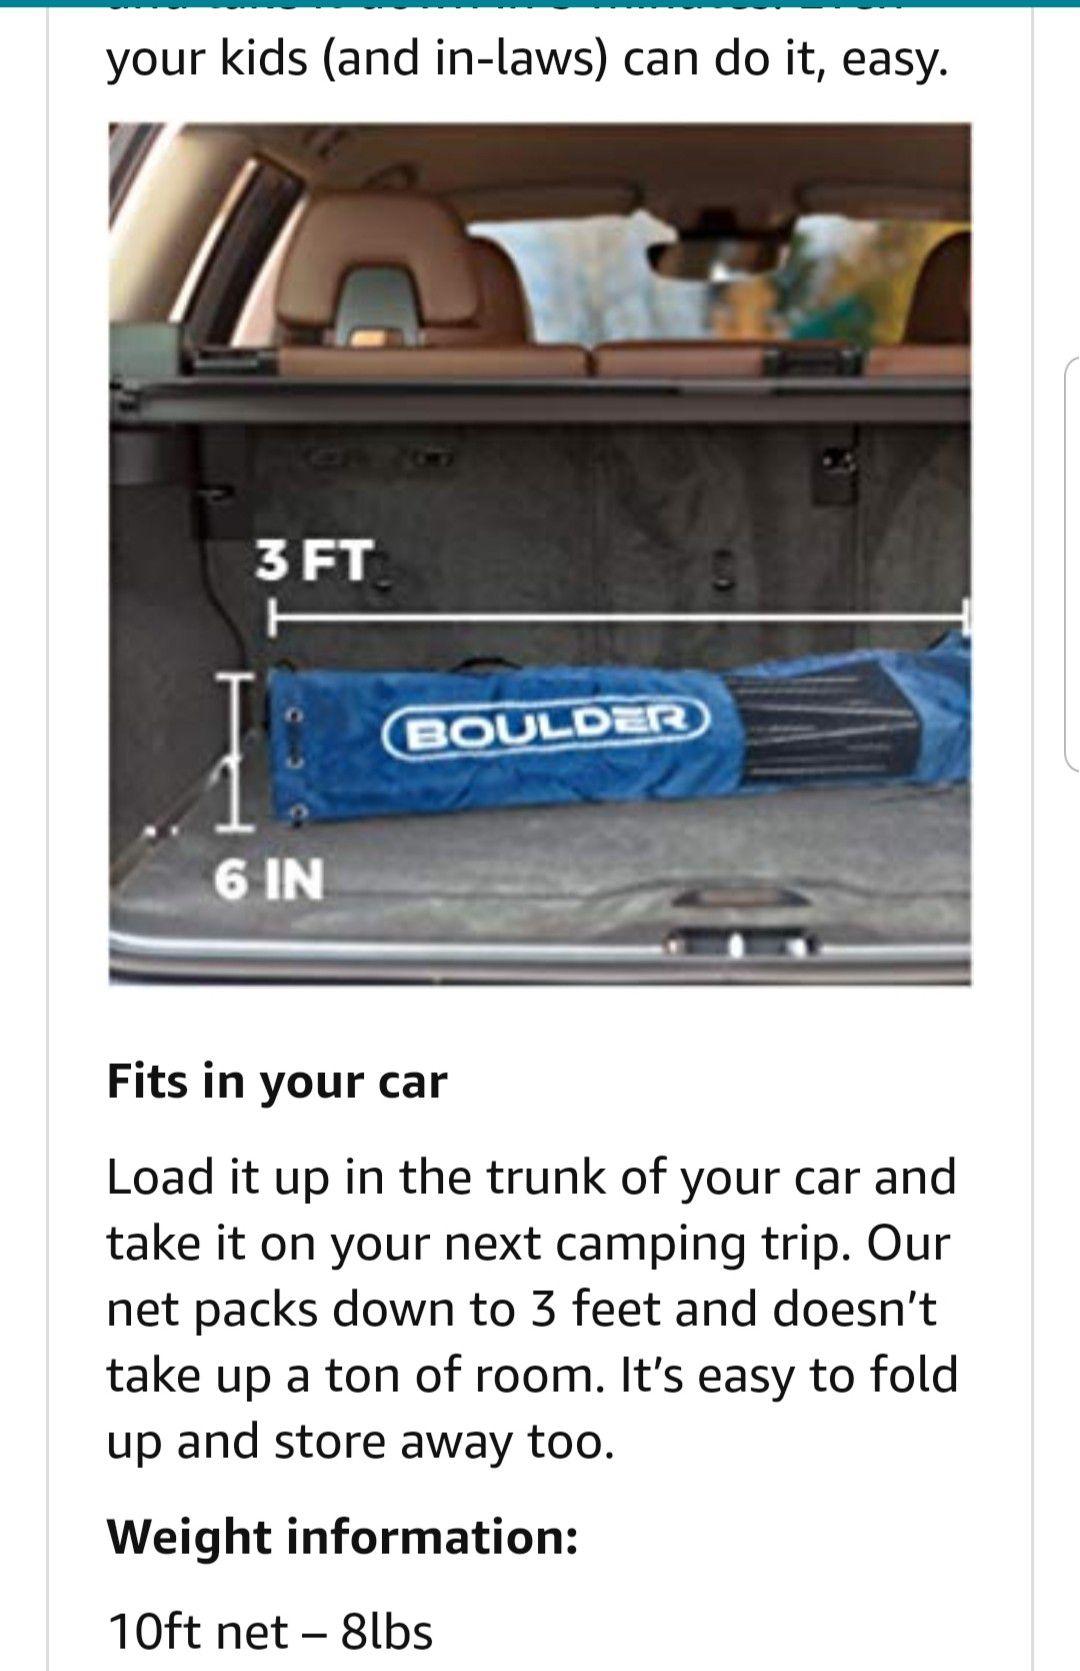 Boulder- Insta Net portable sports net NEW